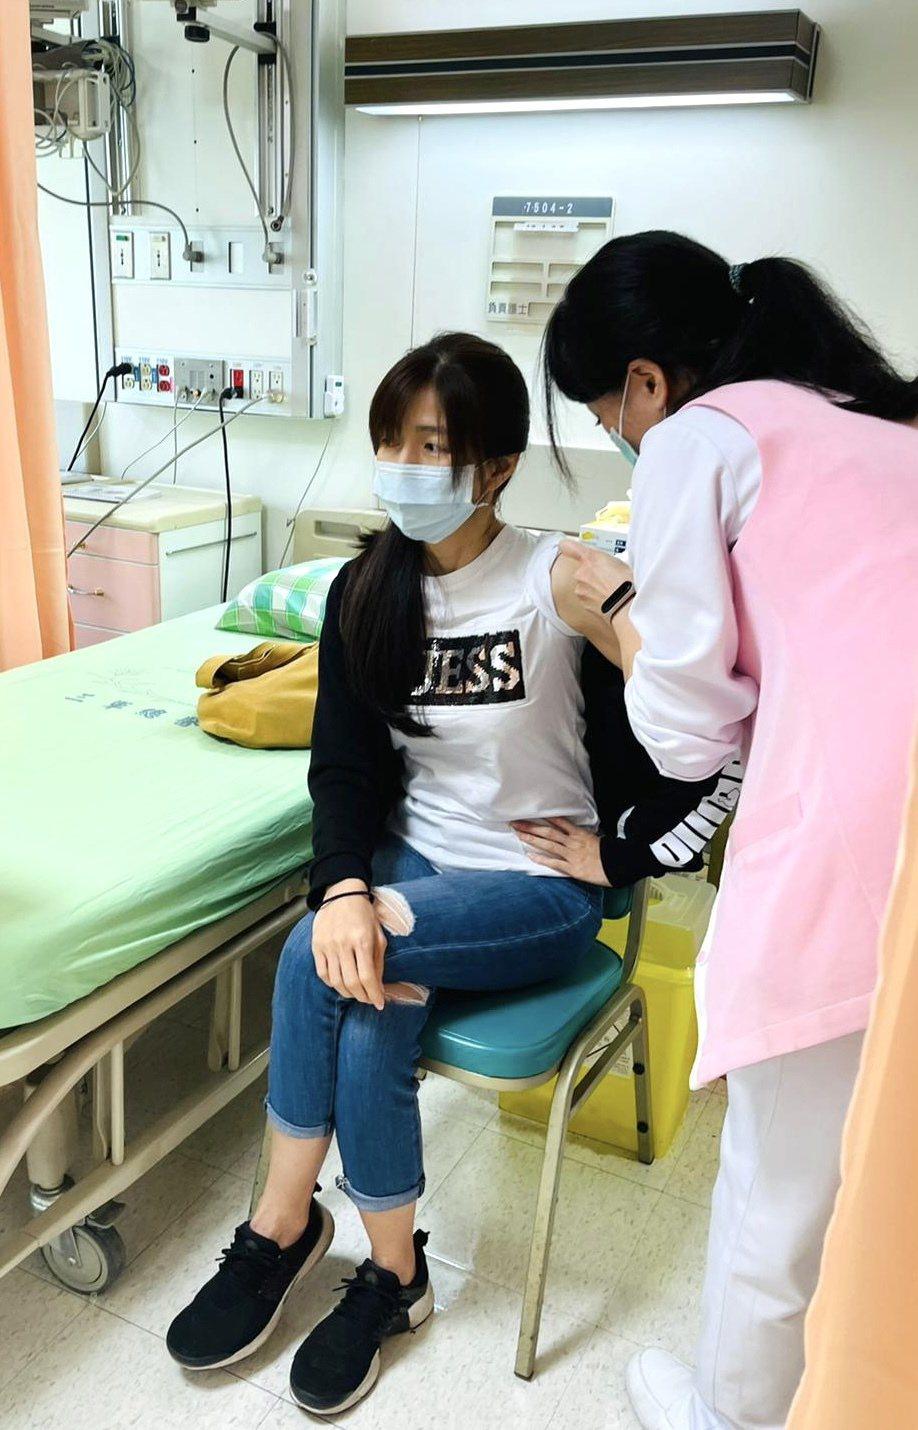 吳鈴山老婆黃崇蘭3月時接受高端疫苗臨床測試。圖/吳鈴山提供